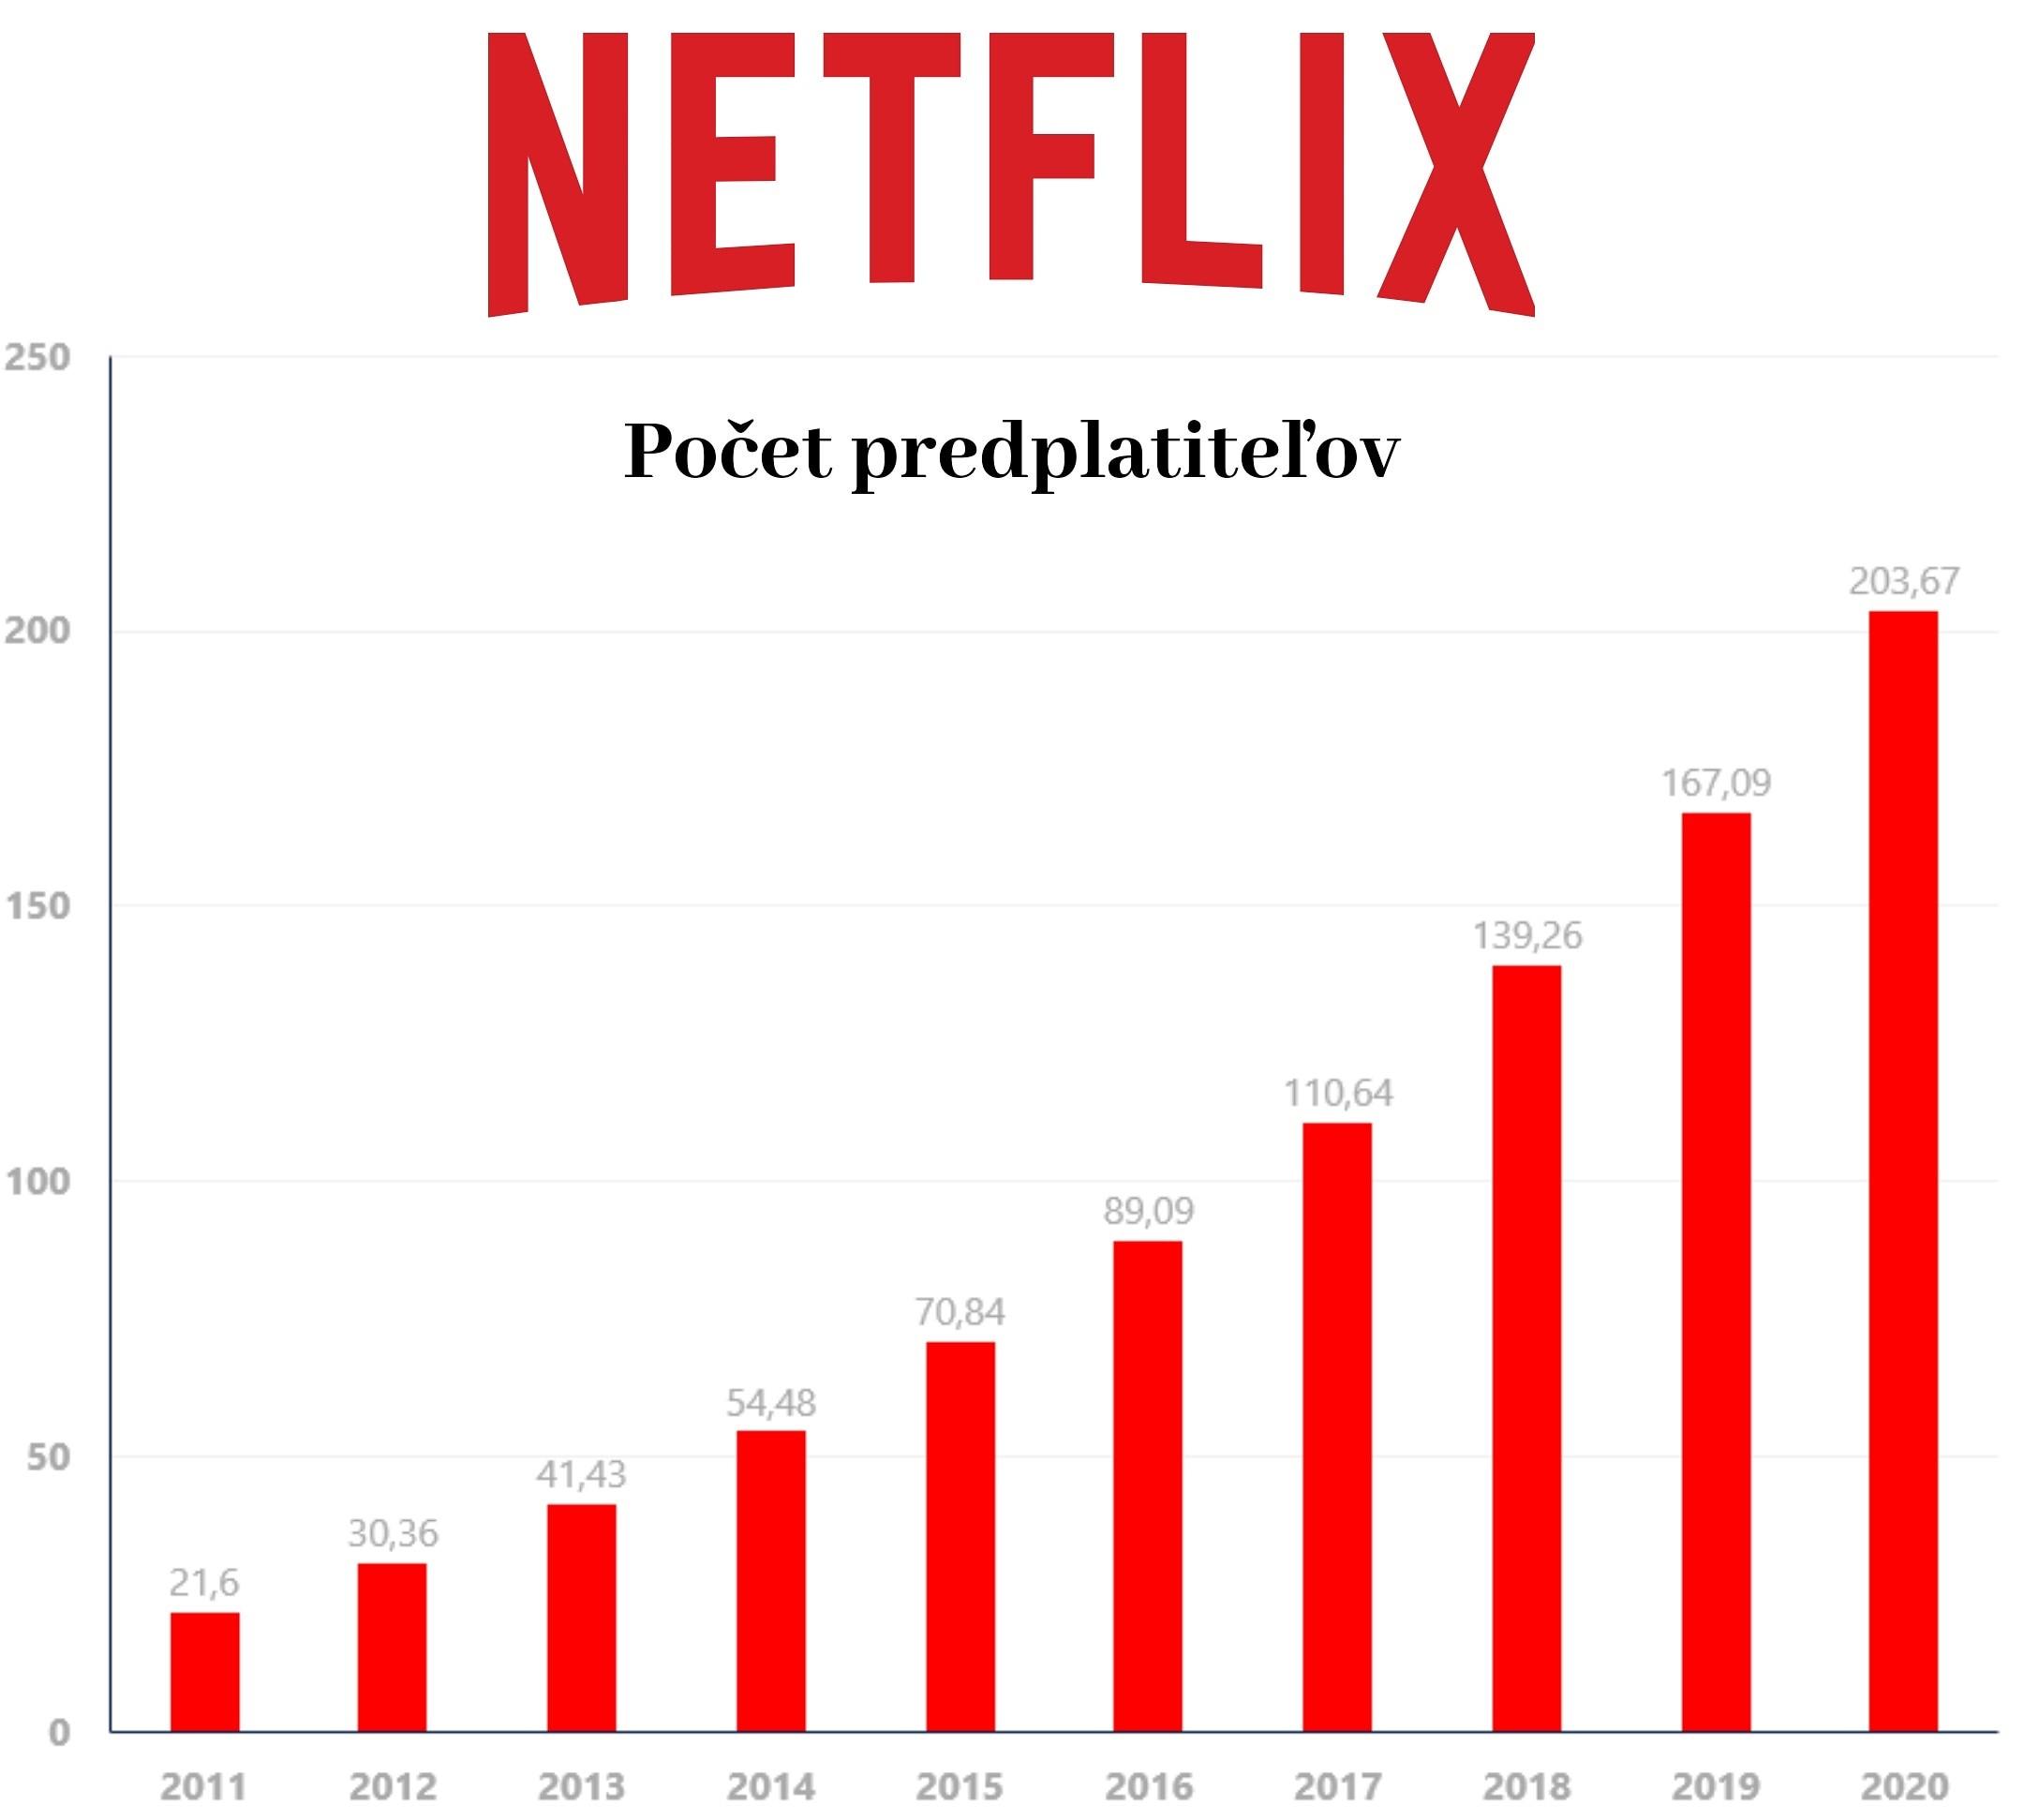 Netflix počet používateľov a predplatiteľov